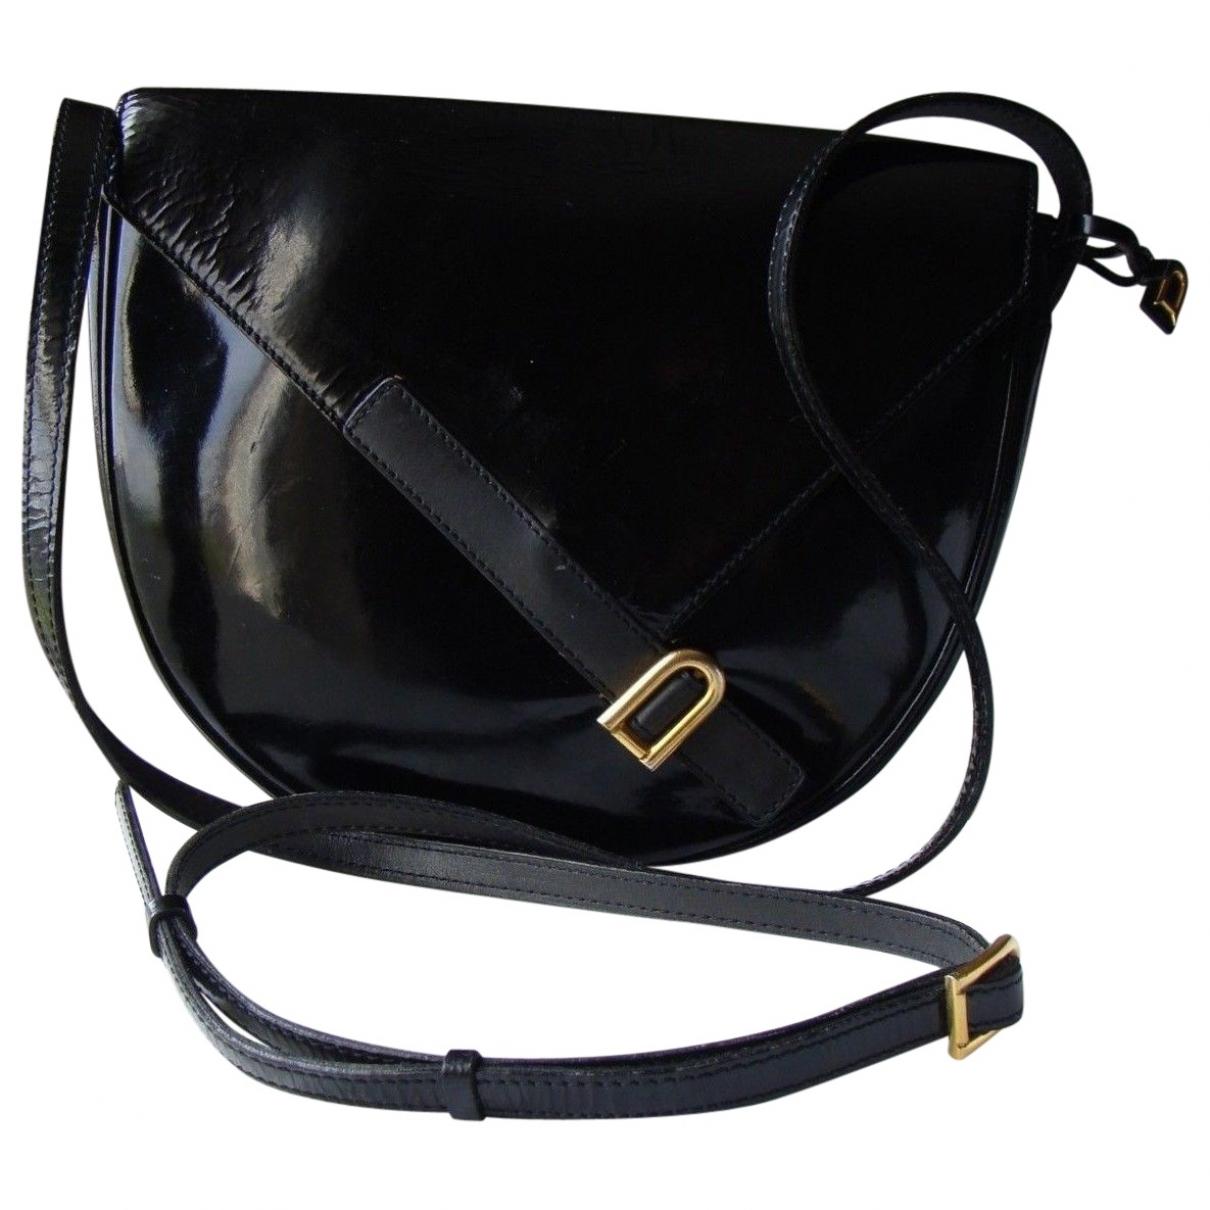 Delvaux \N Handtasche in  Schwarz Lackleder